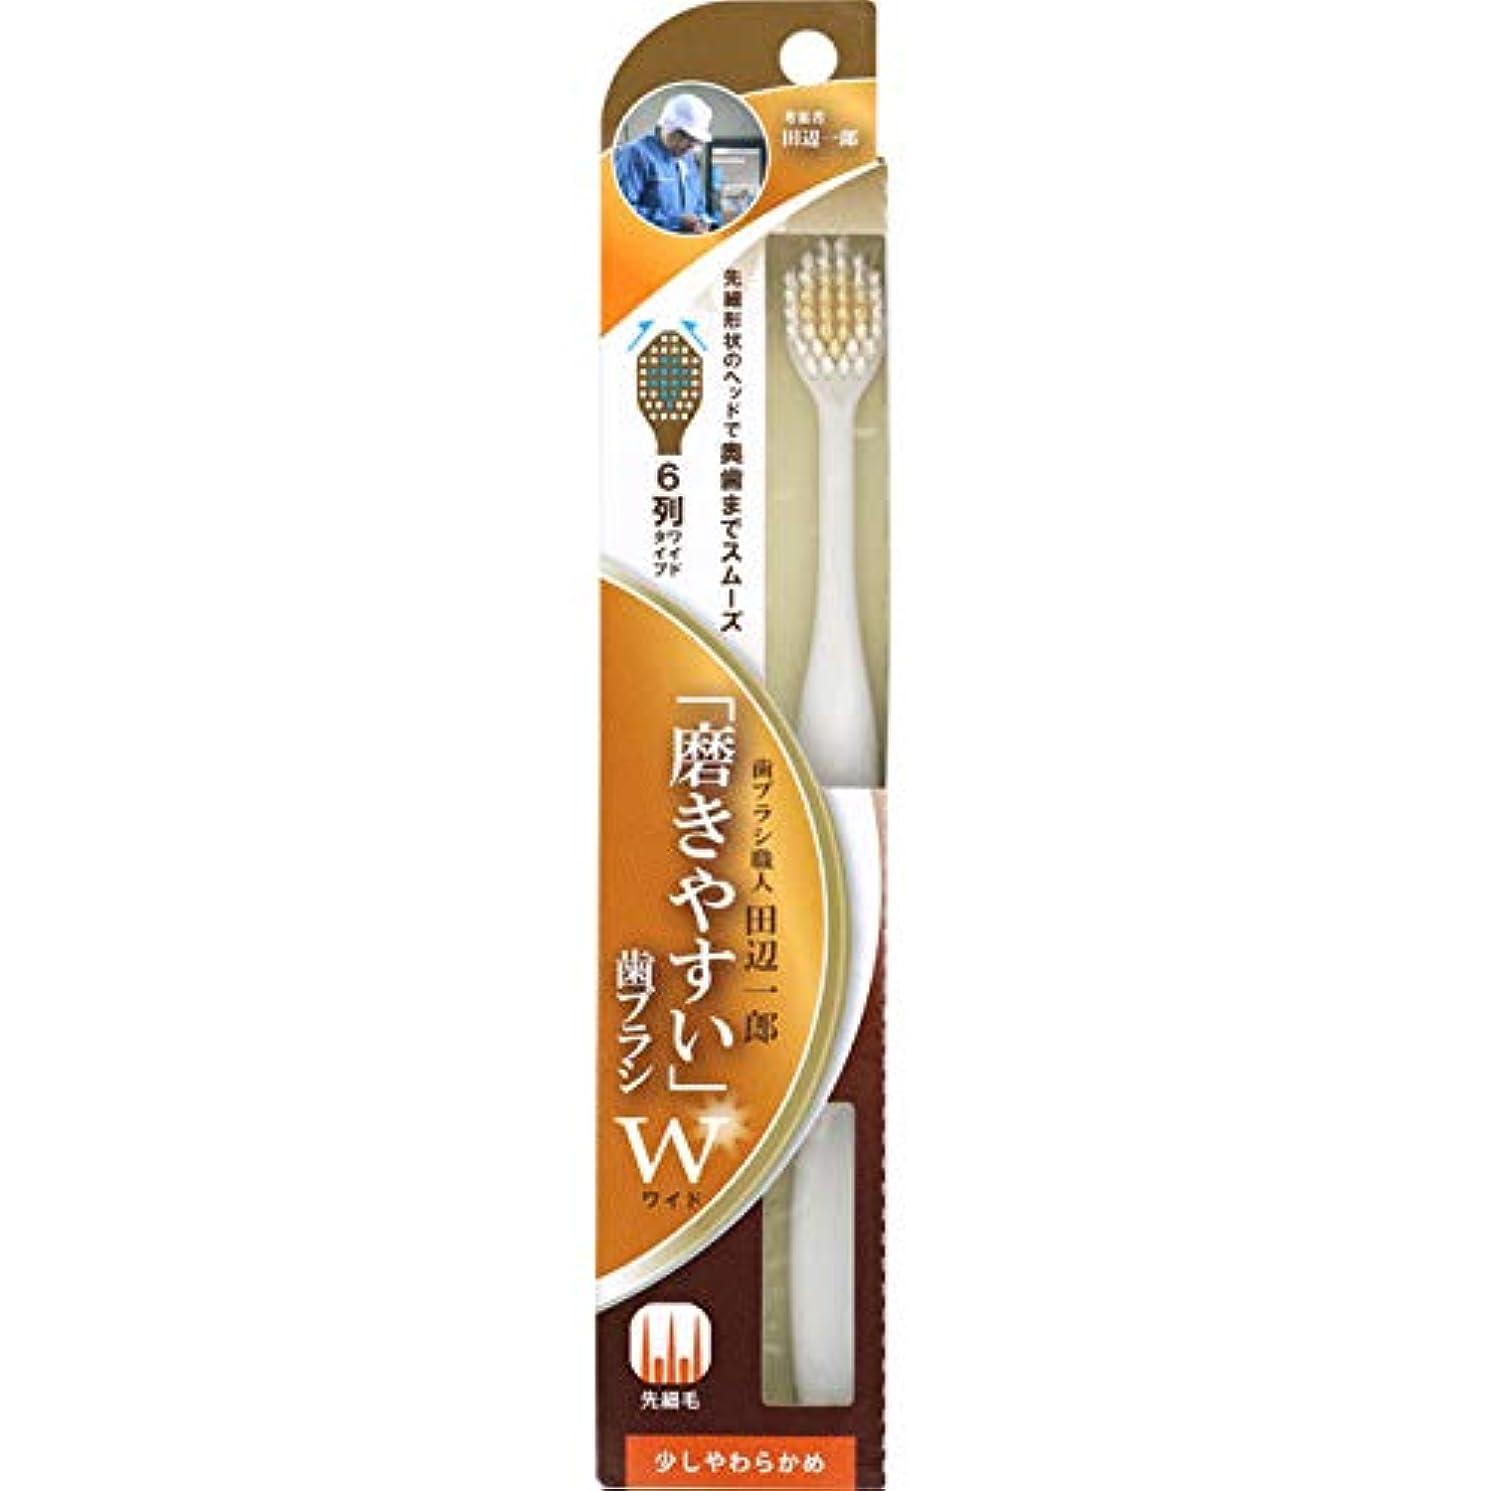 追加する再生的なんでもライフレンジ LT-46 磨きやすい歯ブラシ ワイド 少しやわらかめ 1本入 ※カラーは選べません。